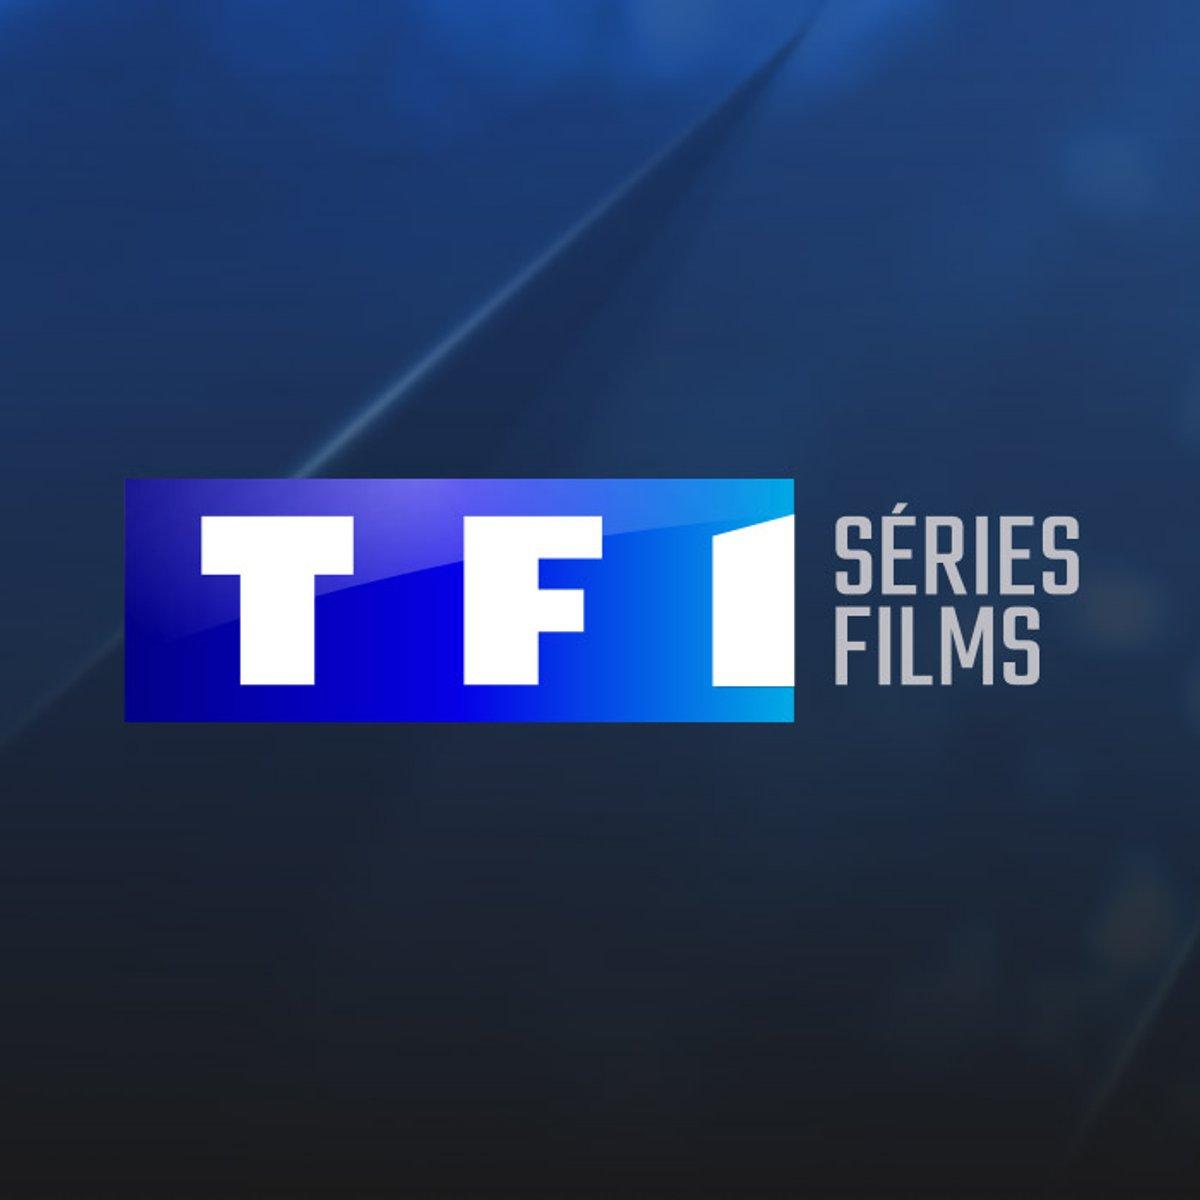 Cliquez sur le bouton lecture pour regarder tf1 en direct dès aujourd'hui. TF1 SÉRIES FILMS en direct live | MYTF1